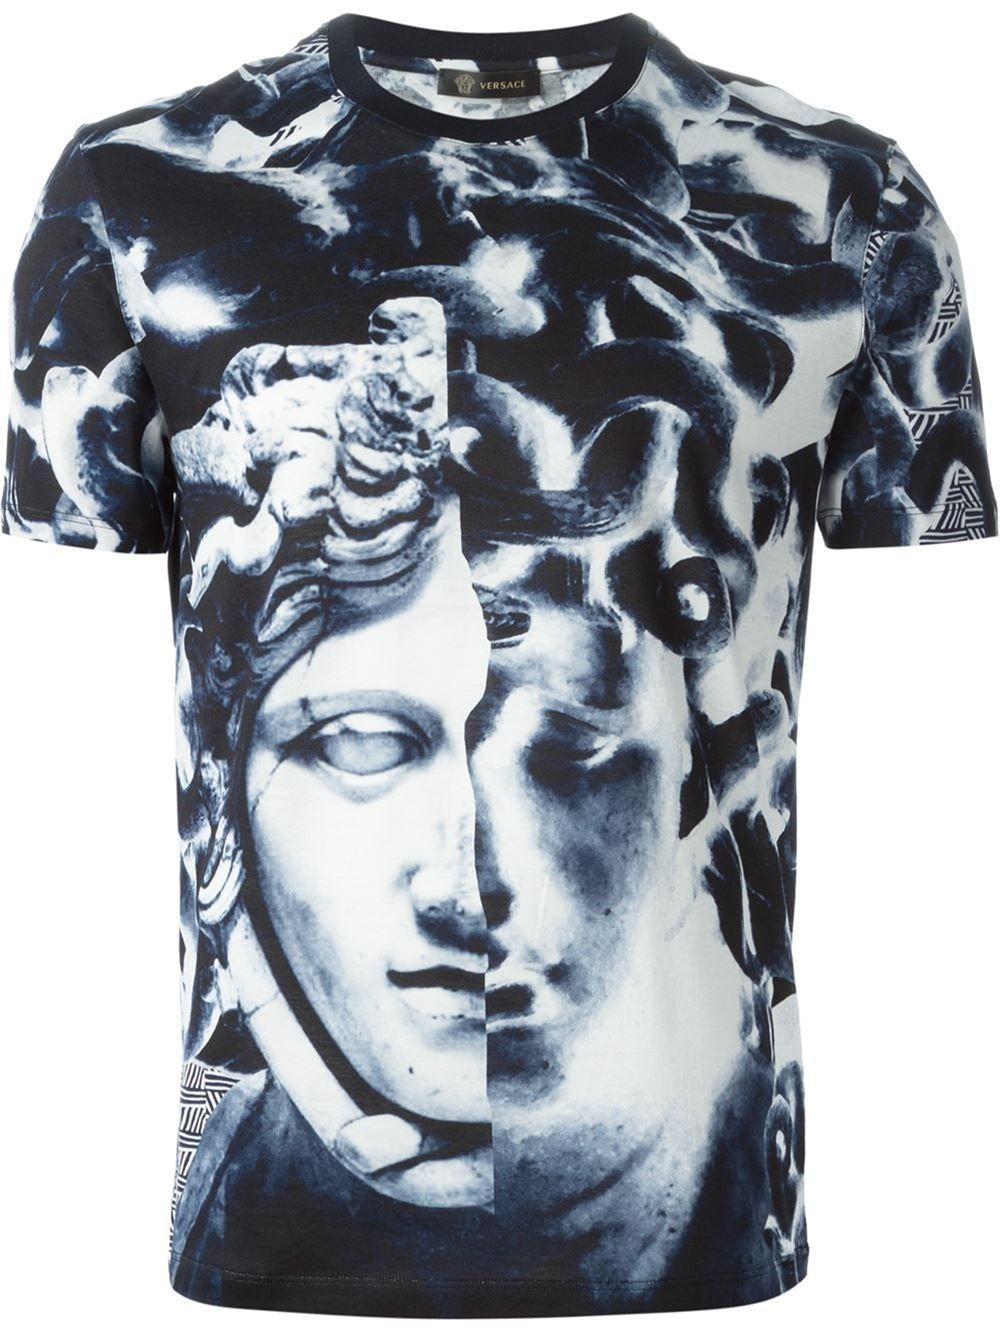 Versace Medusa T-shirt - Zoo Fashions - Farfetch.com   royal ... 67031980bfa